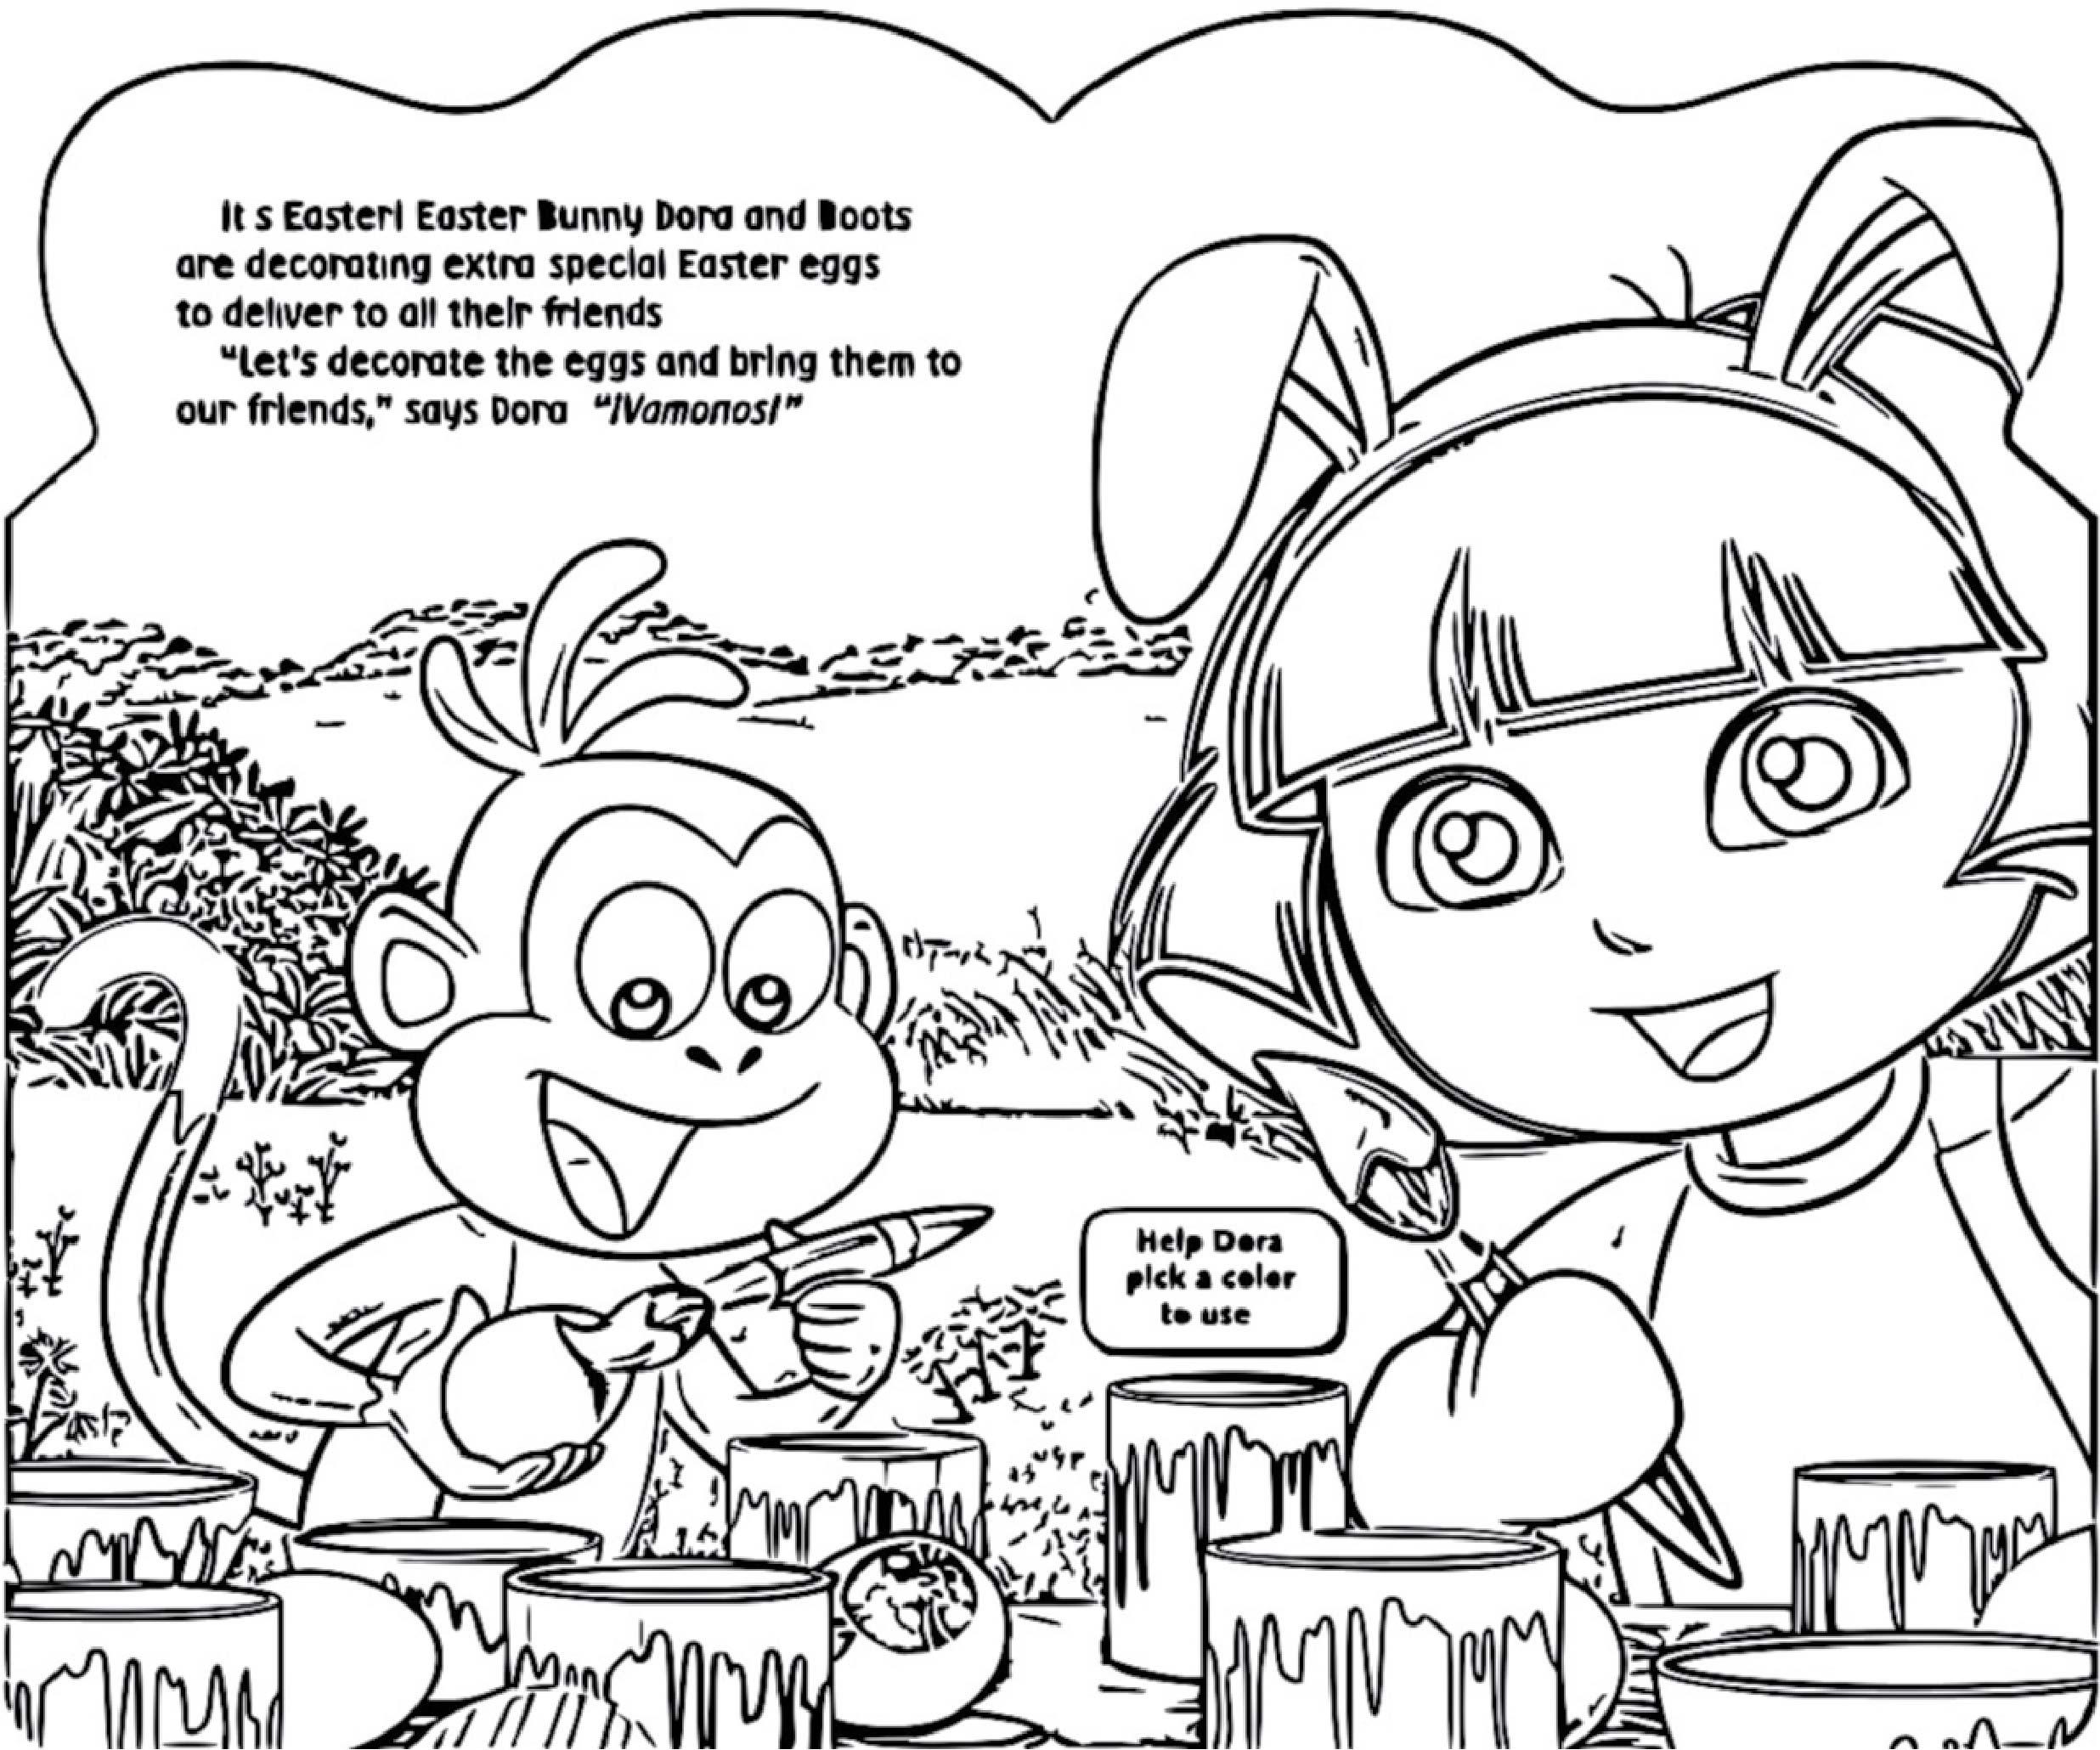 Dora The Explorer Dora Loves Easter! 9780794430320.In01 Cartoonized